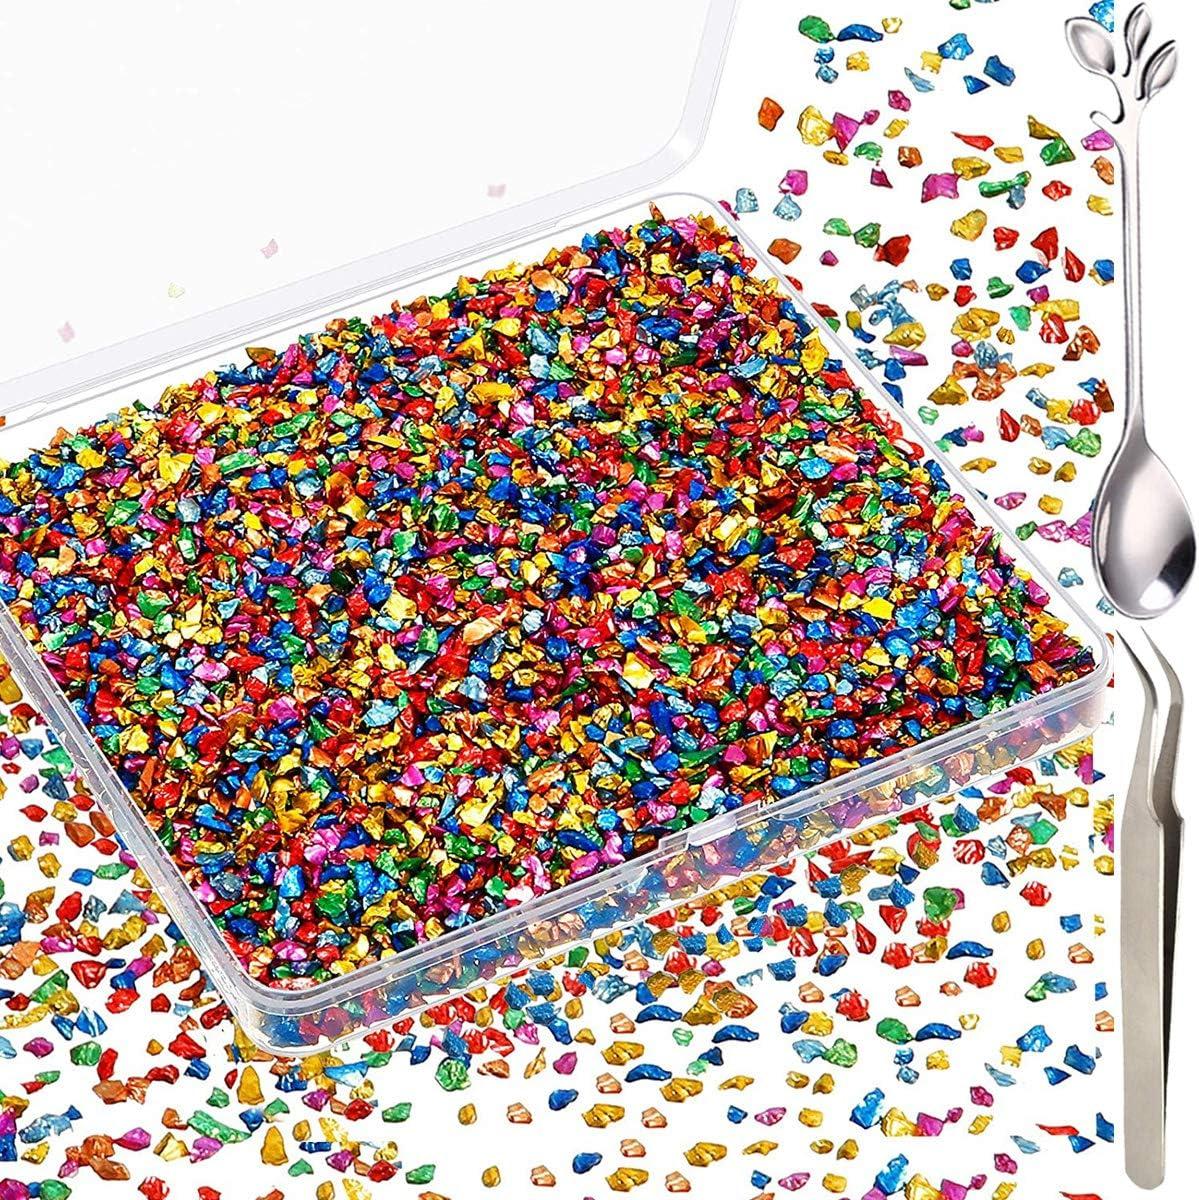 Brillo Multicolor 100g con Cuchara Decoraci/ón Pinzas para Molde de Resina Epoxi mini decoraciones Artesan/ía de U/ñas 0.5-5.5 mm Acmerota Vidrio triturado para resina Irregular Met/álico